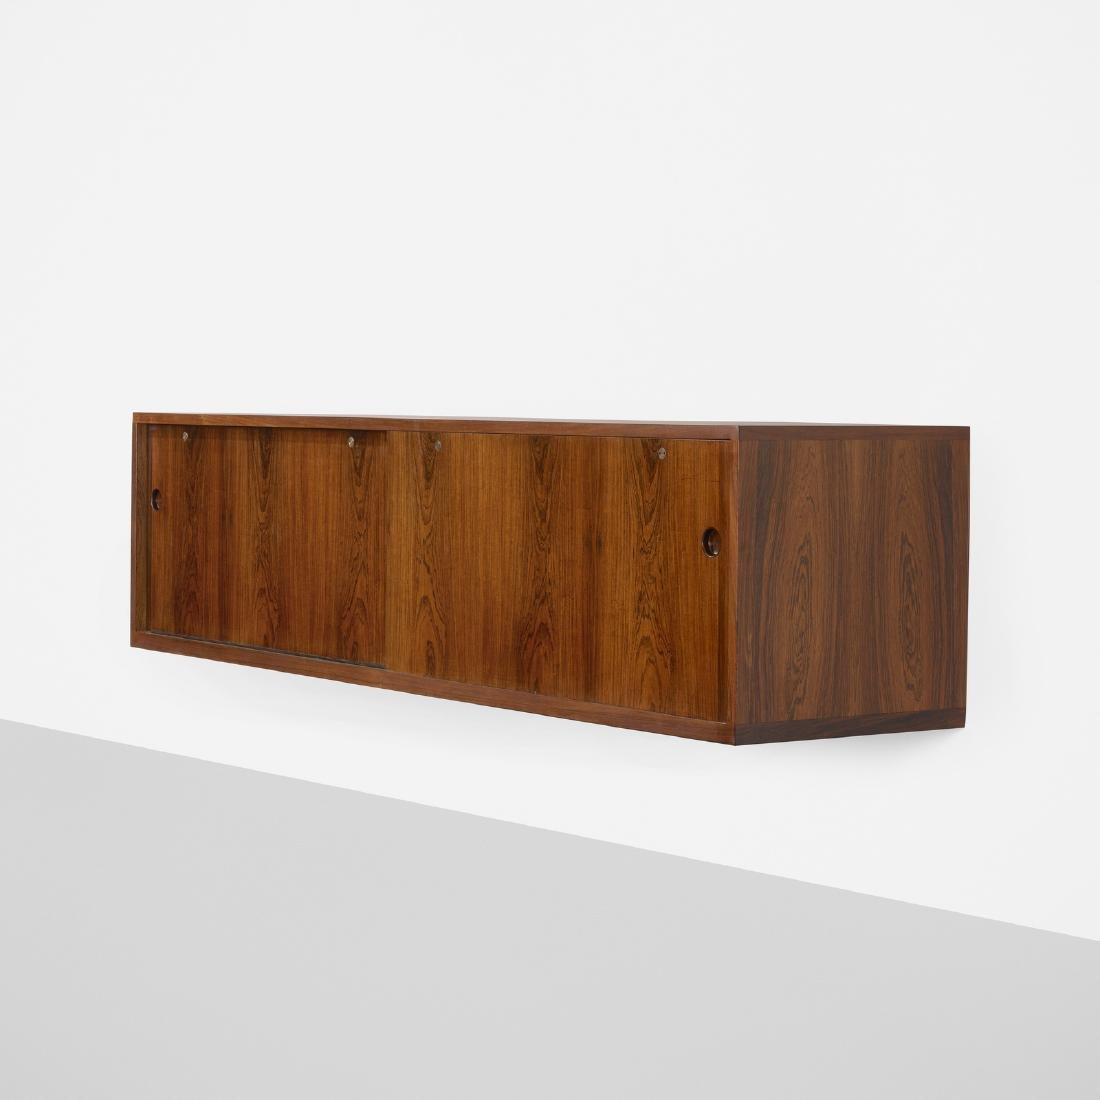 Hans J. Wegner, custom wall-mounted cabinet